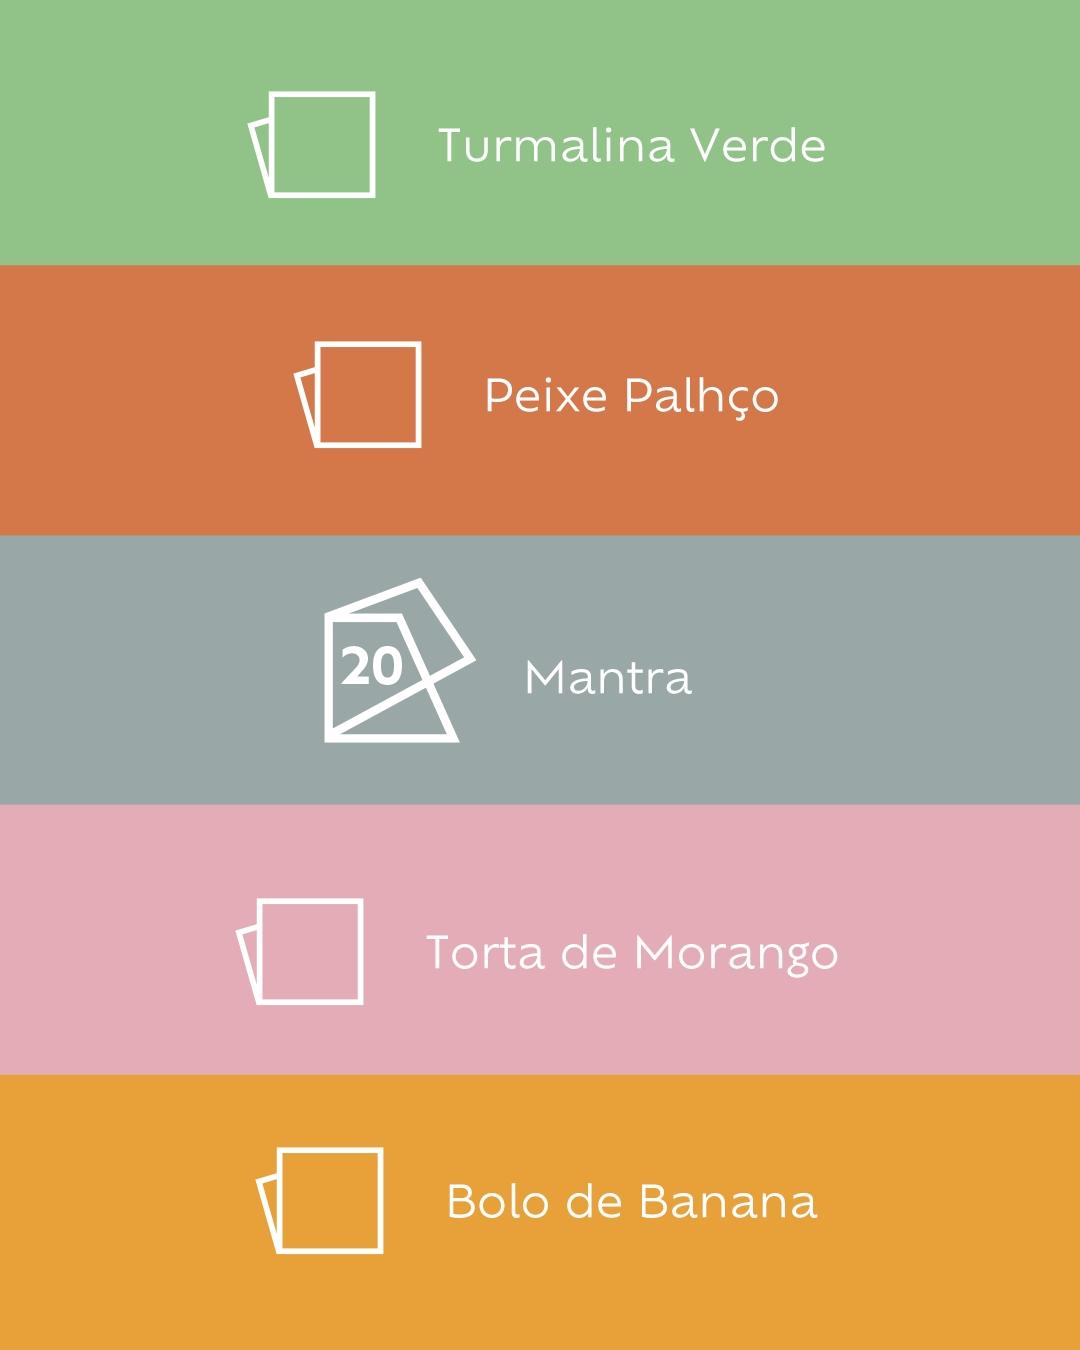 Foto com paleta de cores Suvinil: Turmalina Verde, Peixe Palhaço, Mantra, Torta de Morango, Bolo de Banana.